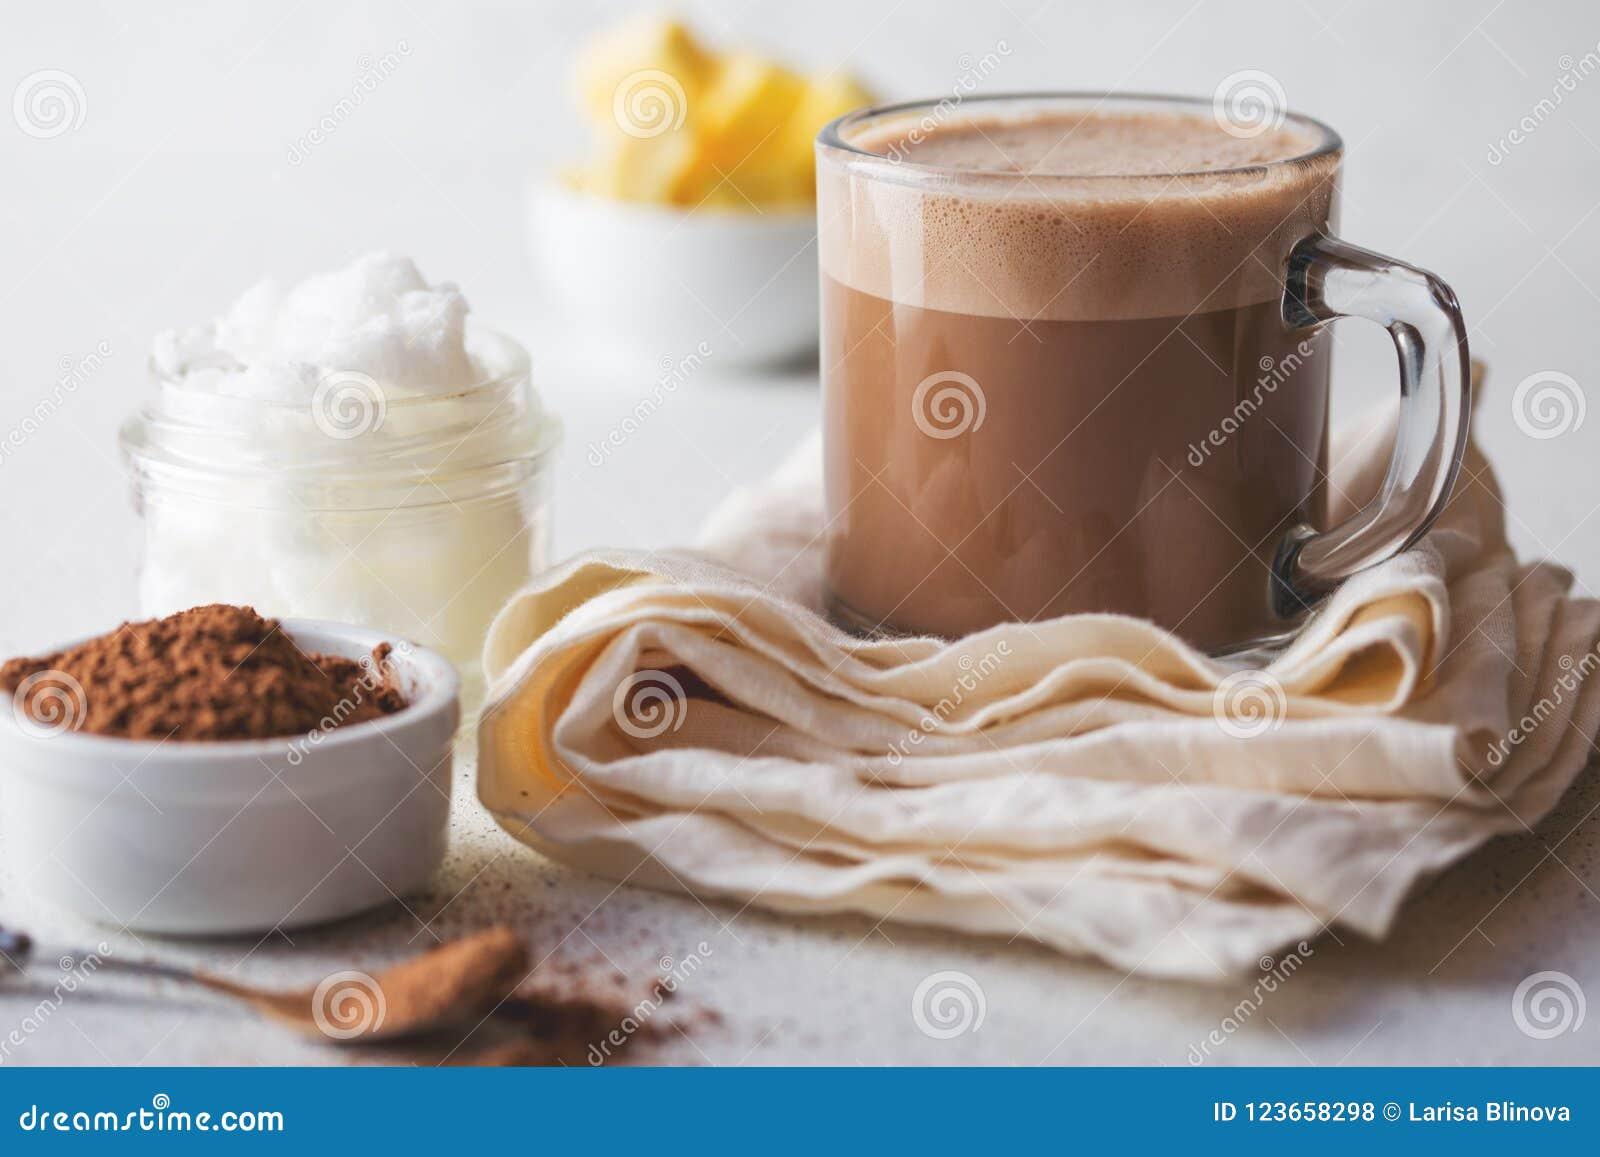 ΑΛΕΞΙΣΦΑΙΡΟ ΚΑΚΑΟ Κετονογενετικό keto ζεστό ποτό διατροφής Κακάο που συνδυάζεται με το έλαιο και το βούτυρο καρύδων Φλυτζάνι του